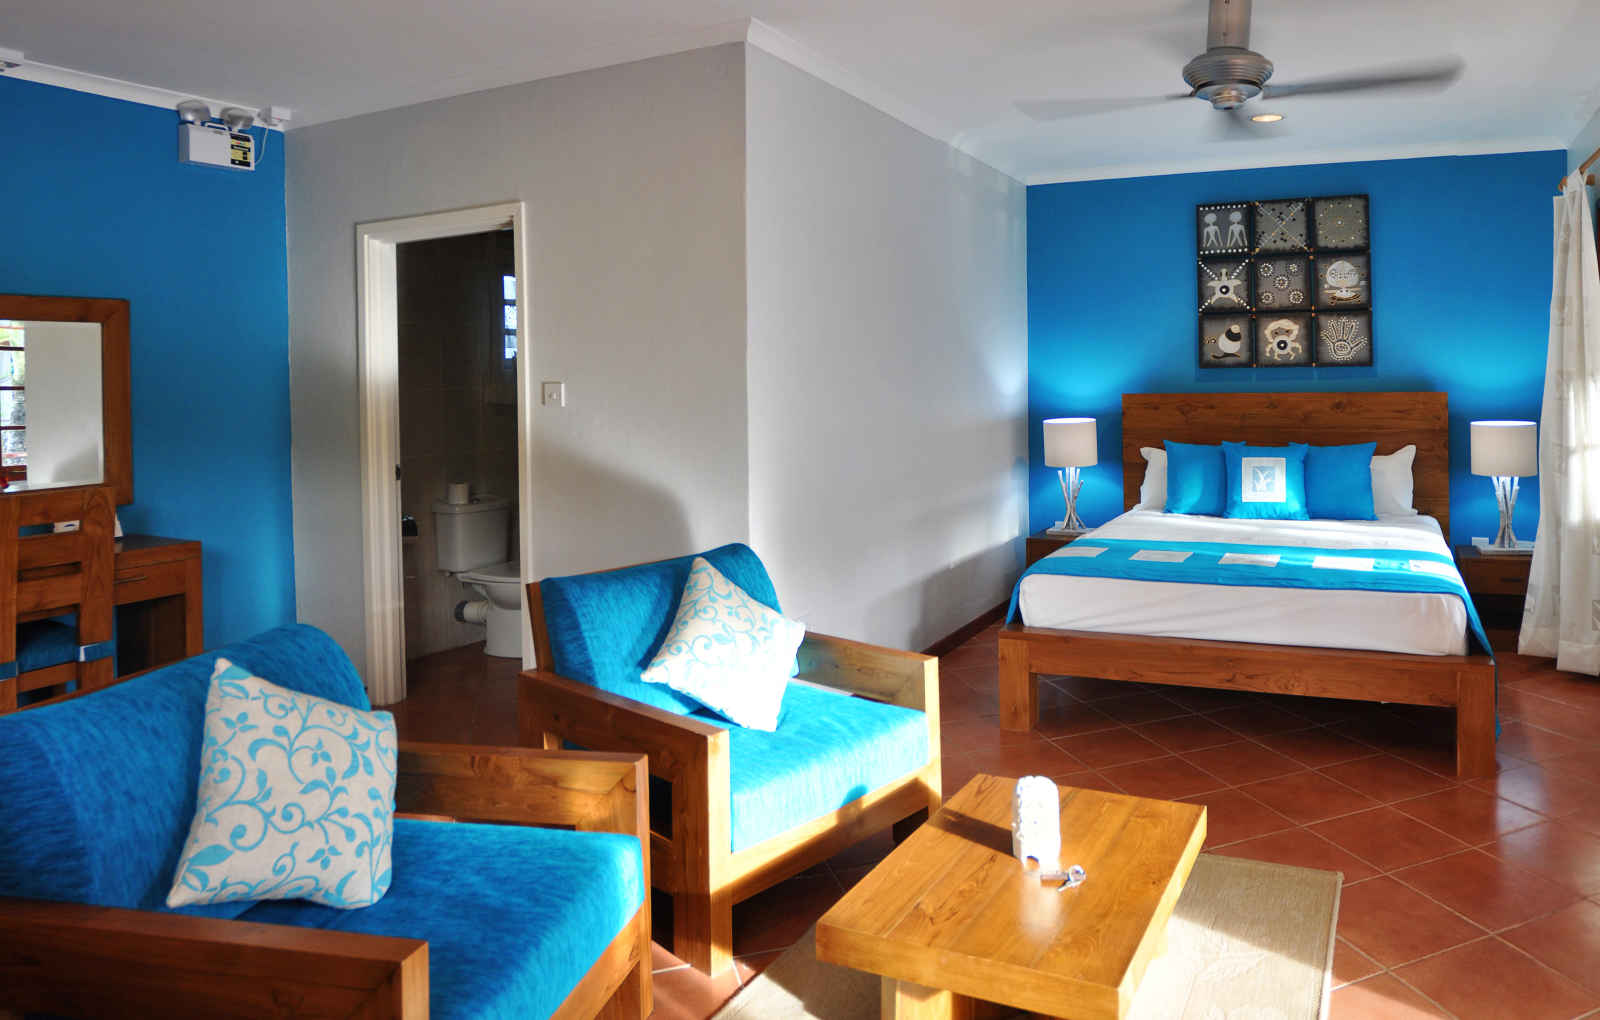 Seychelles - Hôtel Villas de Mer 2*